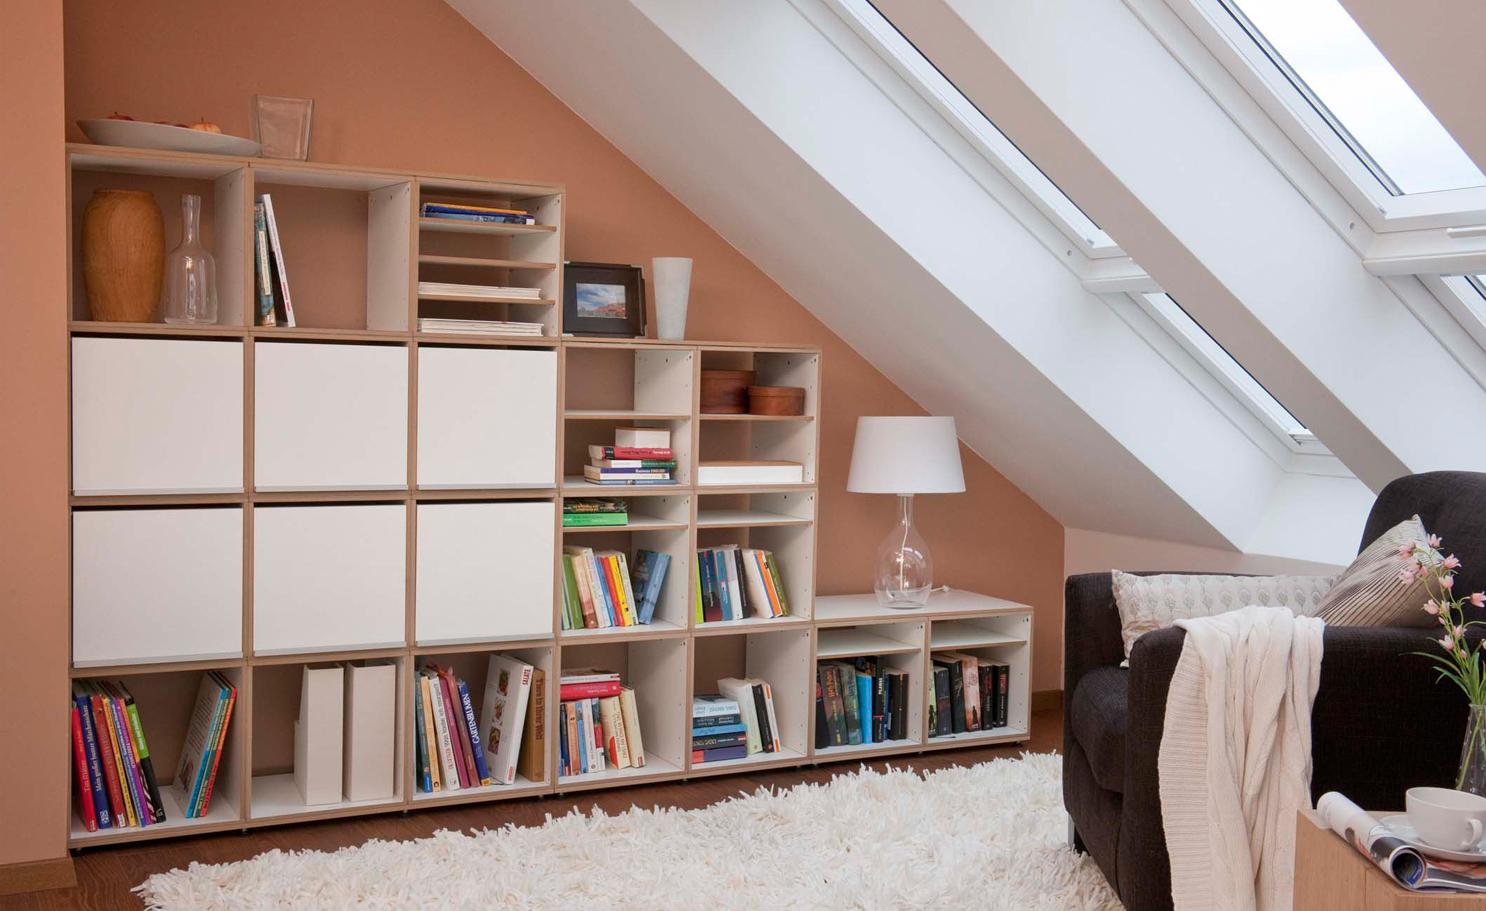 Full Size of Dachgeschosswohnung Einrichten Dachwohnung Kuche Caseconradcom Kleine Küche Badezimmer Wohnzimmer Dachgeschosswohnung Einrichten